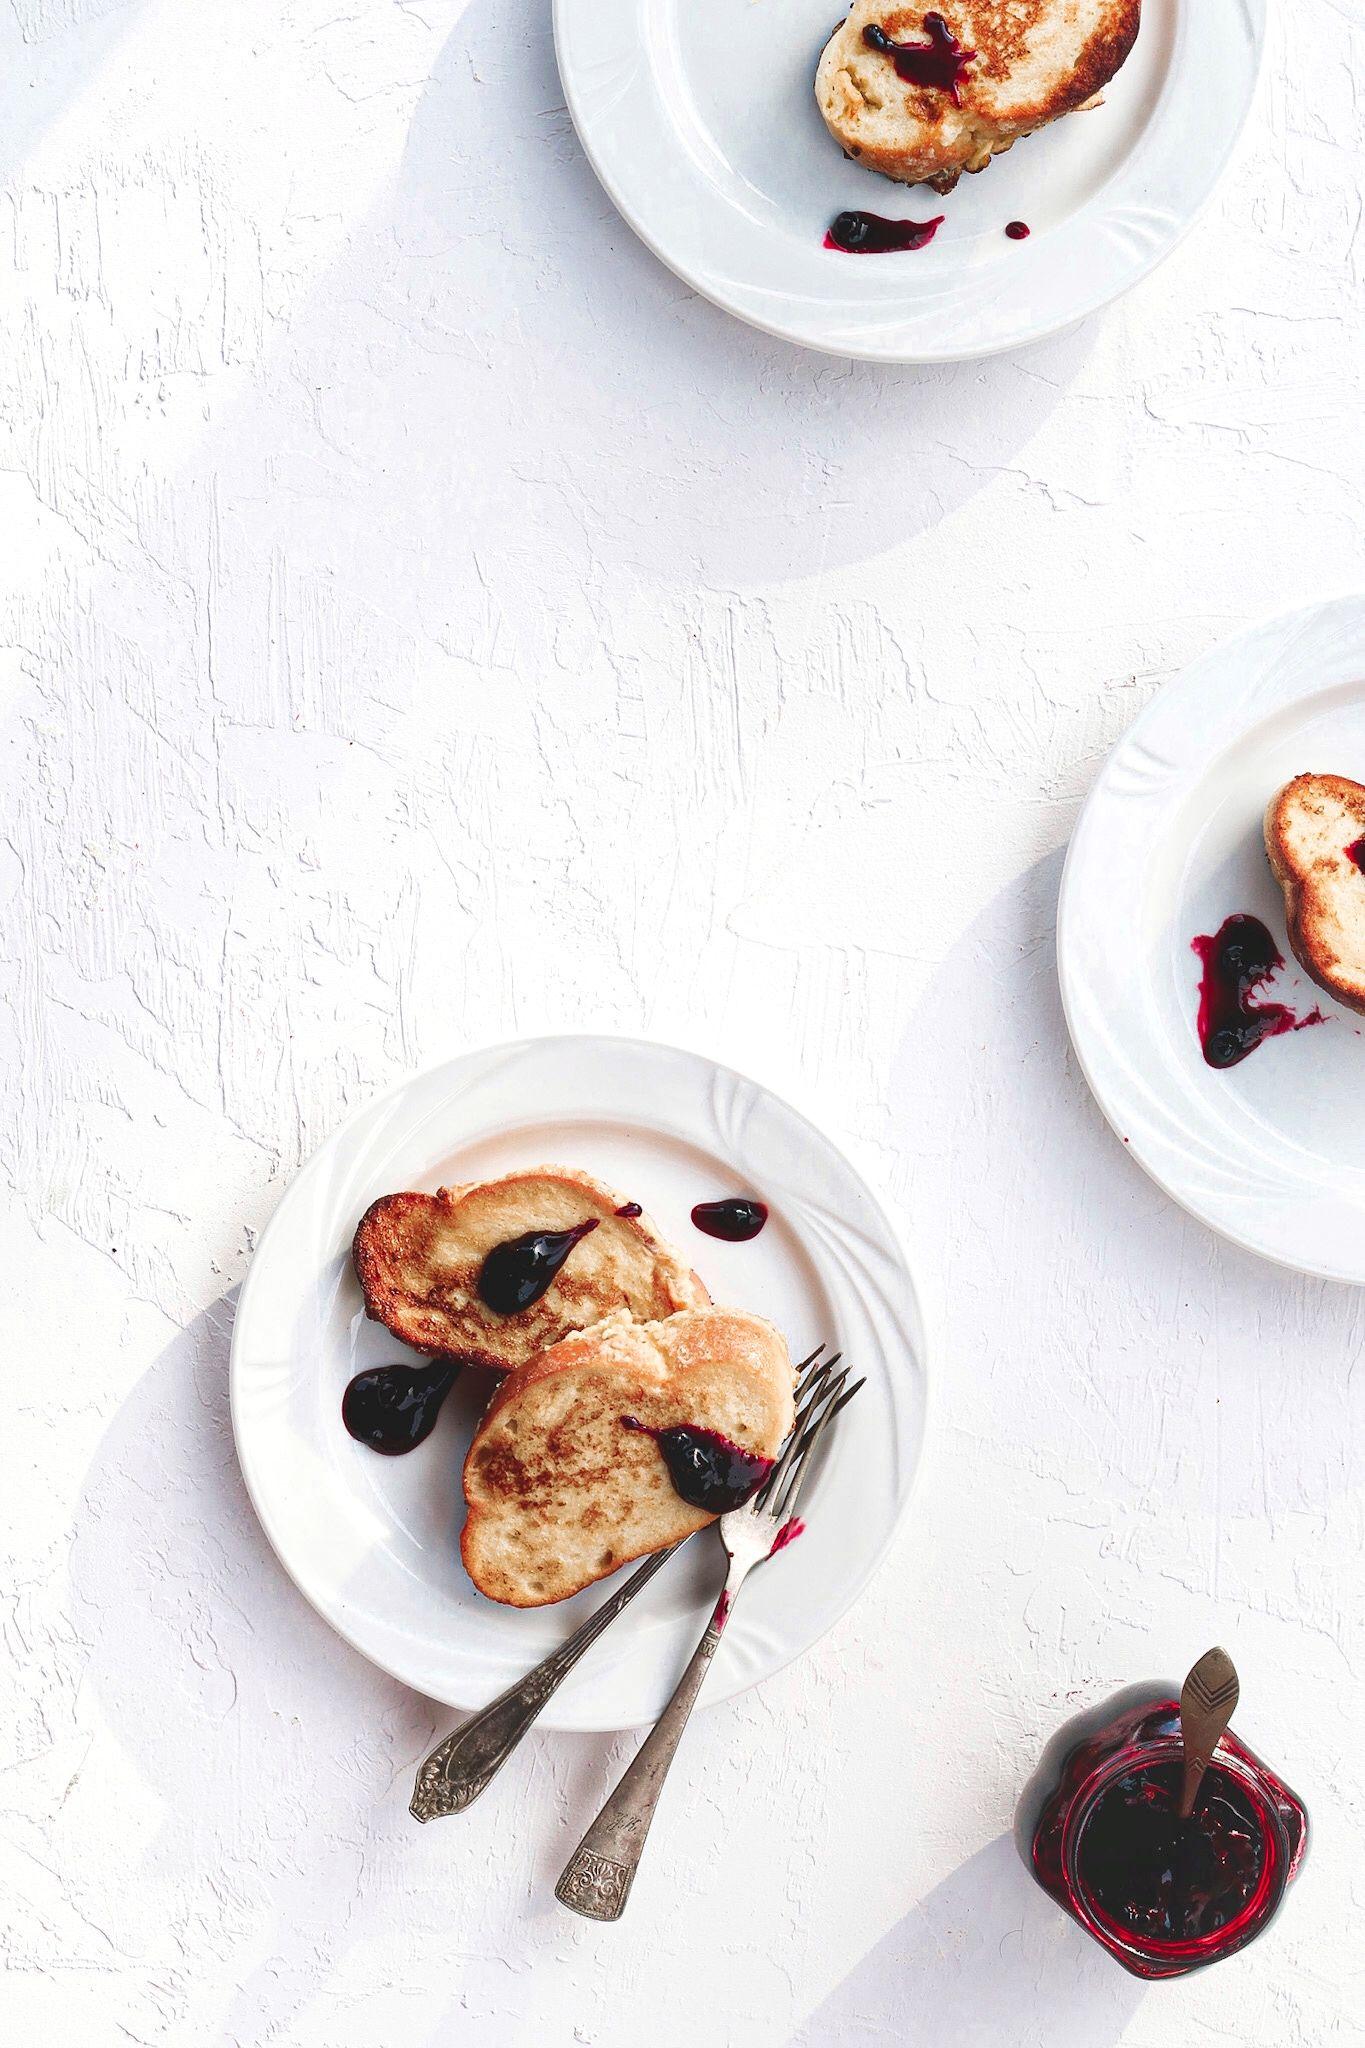 Challah French Toast In 2020 Challah French Toast Food Breakfast